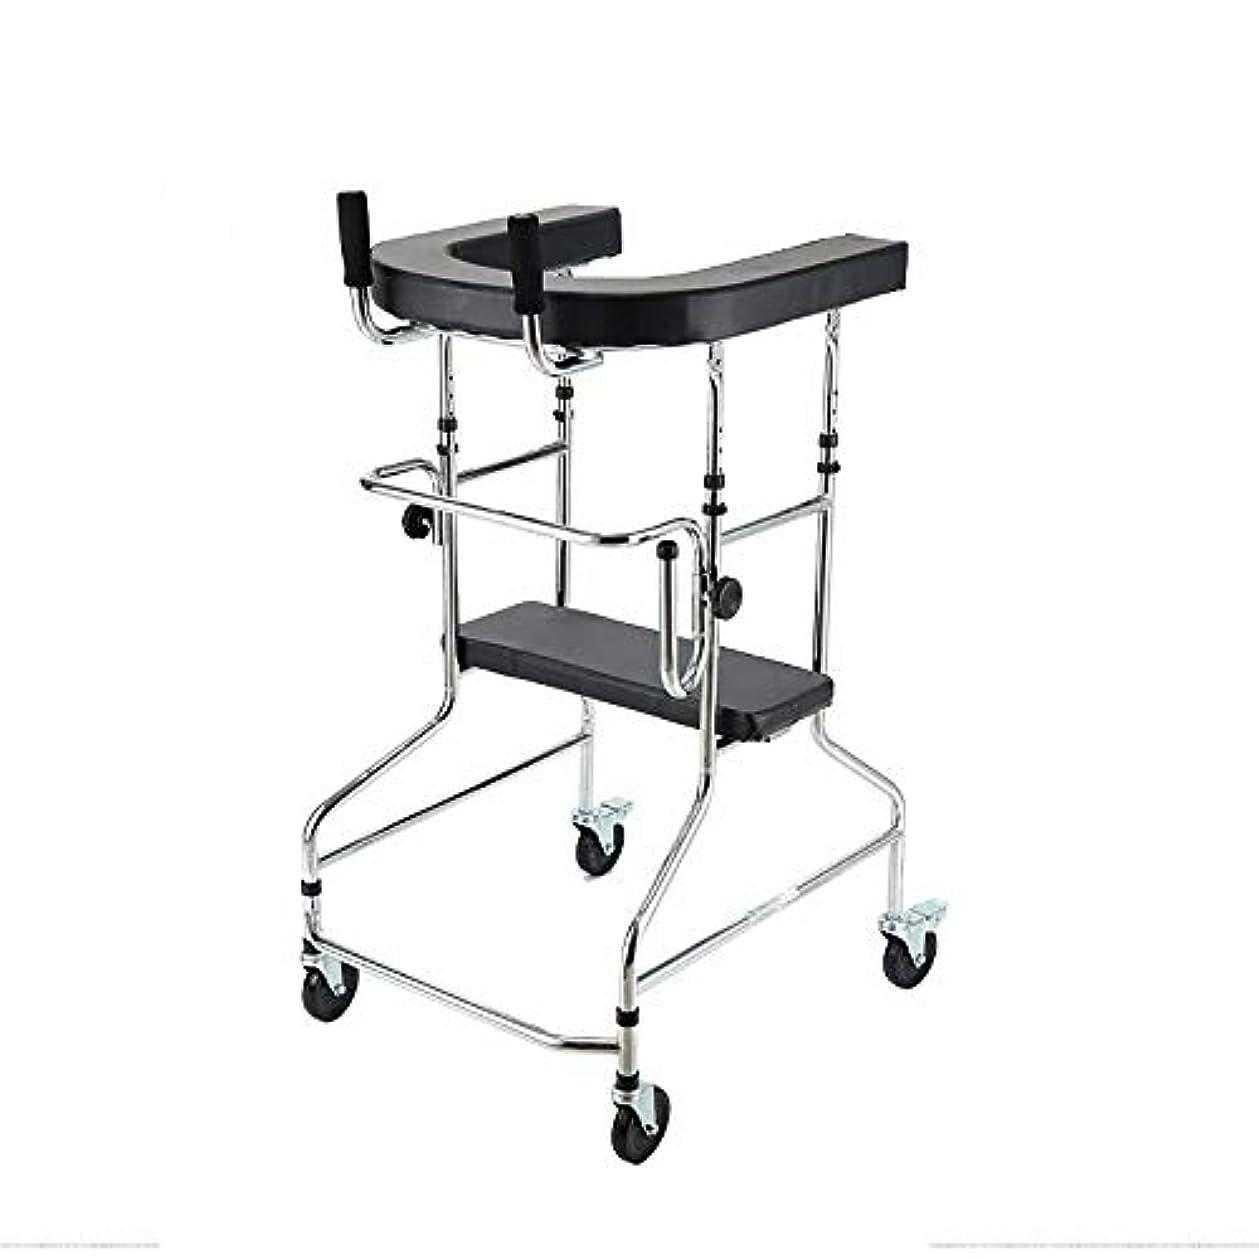 納税者ベリー適度な多機能高齢者歩行ブラケットは、半身の不快な人々のための二重腕歩行器を無効にしました